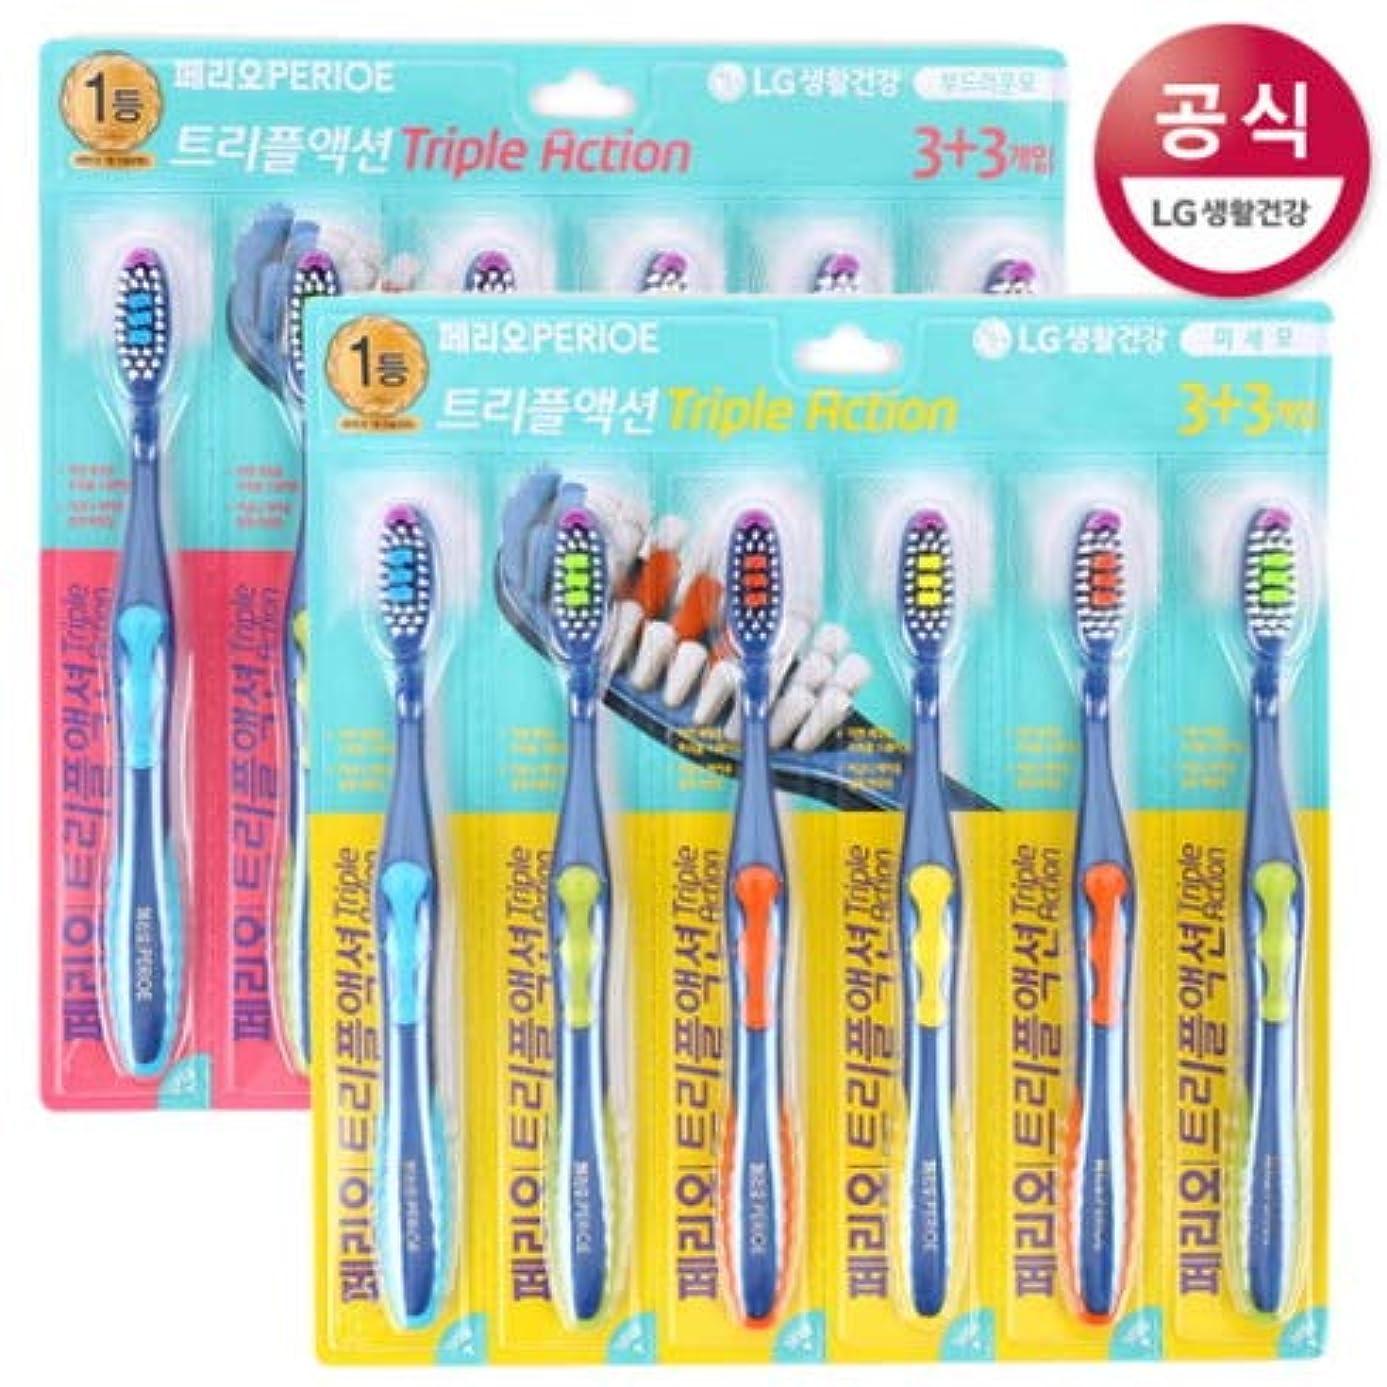 入射フロー反論[LG HnB] Perio Triple Action Toothbrush/ペリオトリプルアクション歯ブラシ 6口x2個(海外直送品)